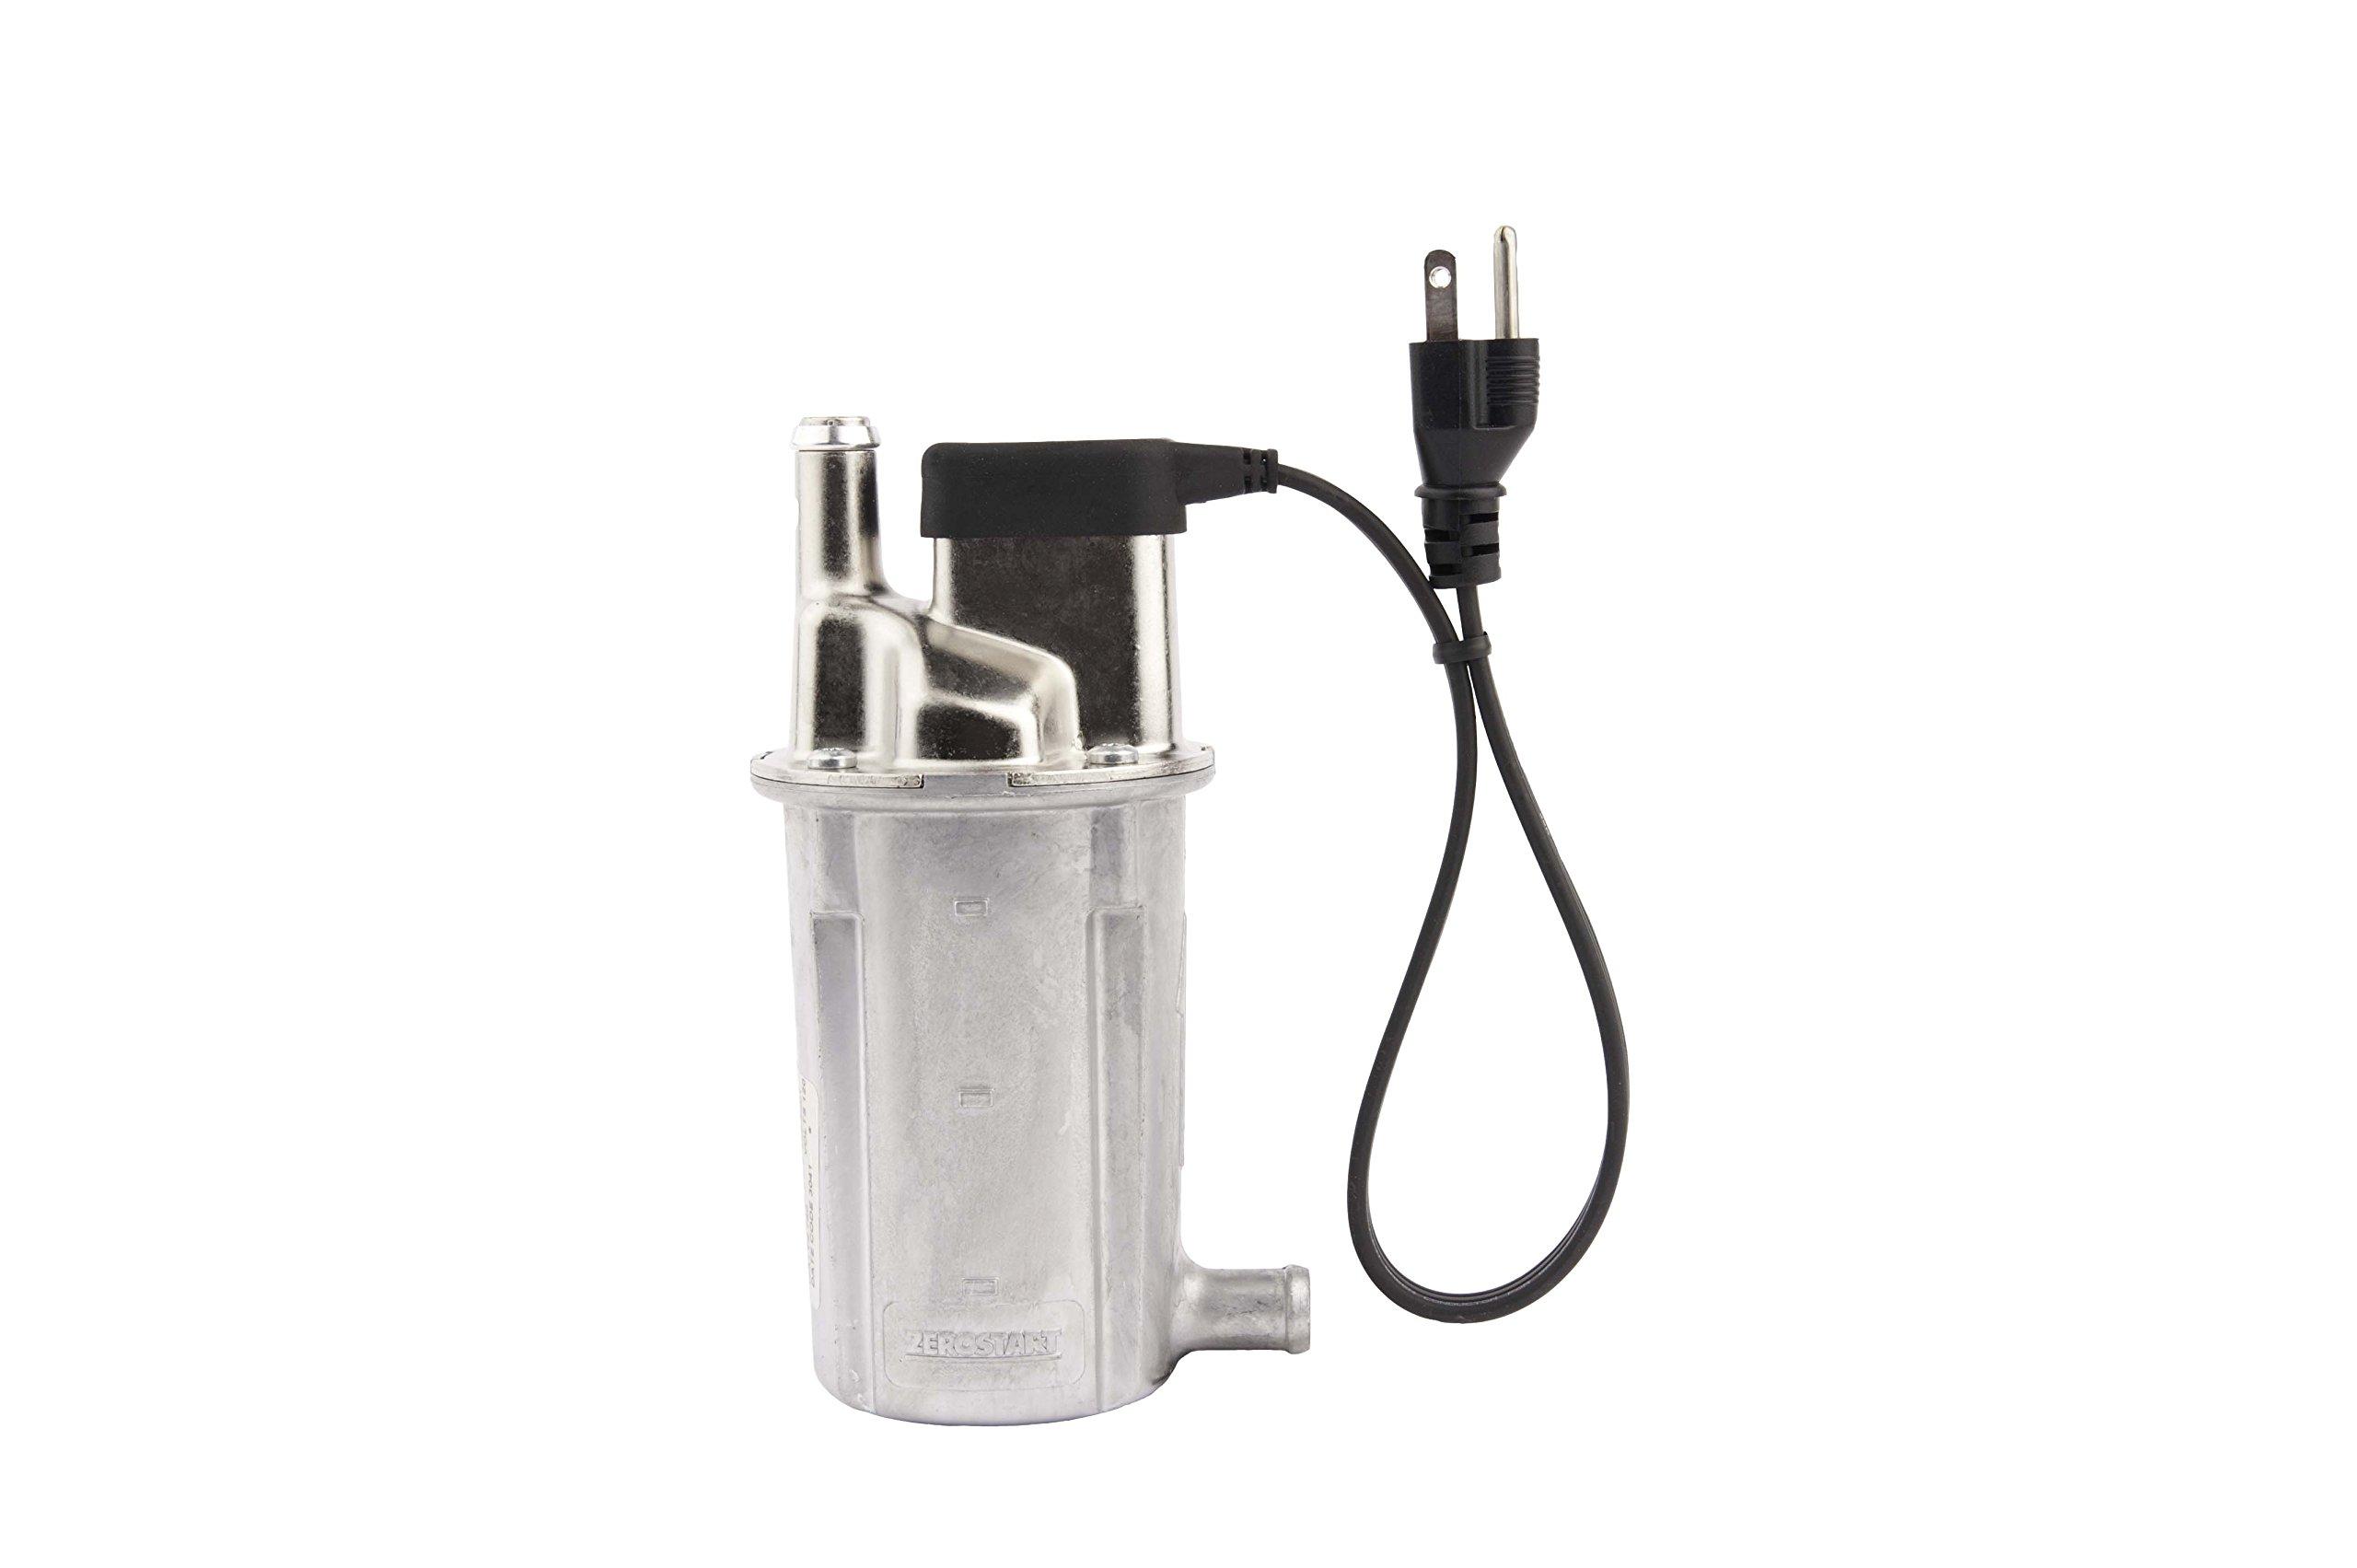 Zerostart 3308003 Series 8000 Light Duty Circulation Heater, 5/8'' Diameter Inlet/Outlet | CSA Approved | 120 Volts | 1500 Watts by Zerostart